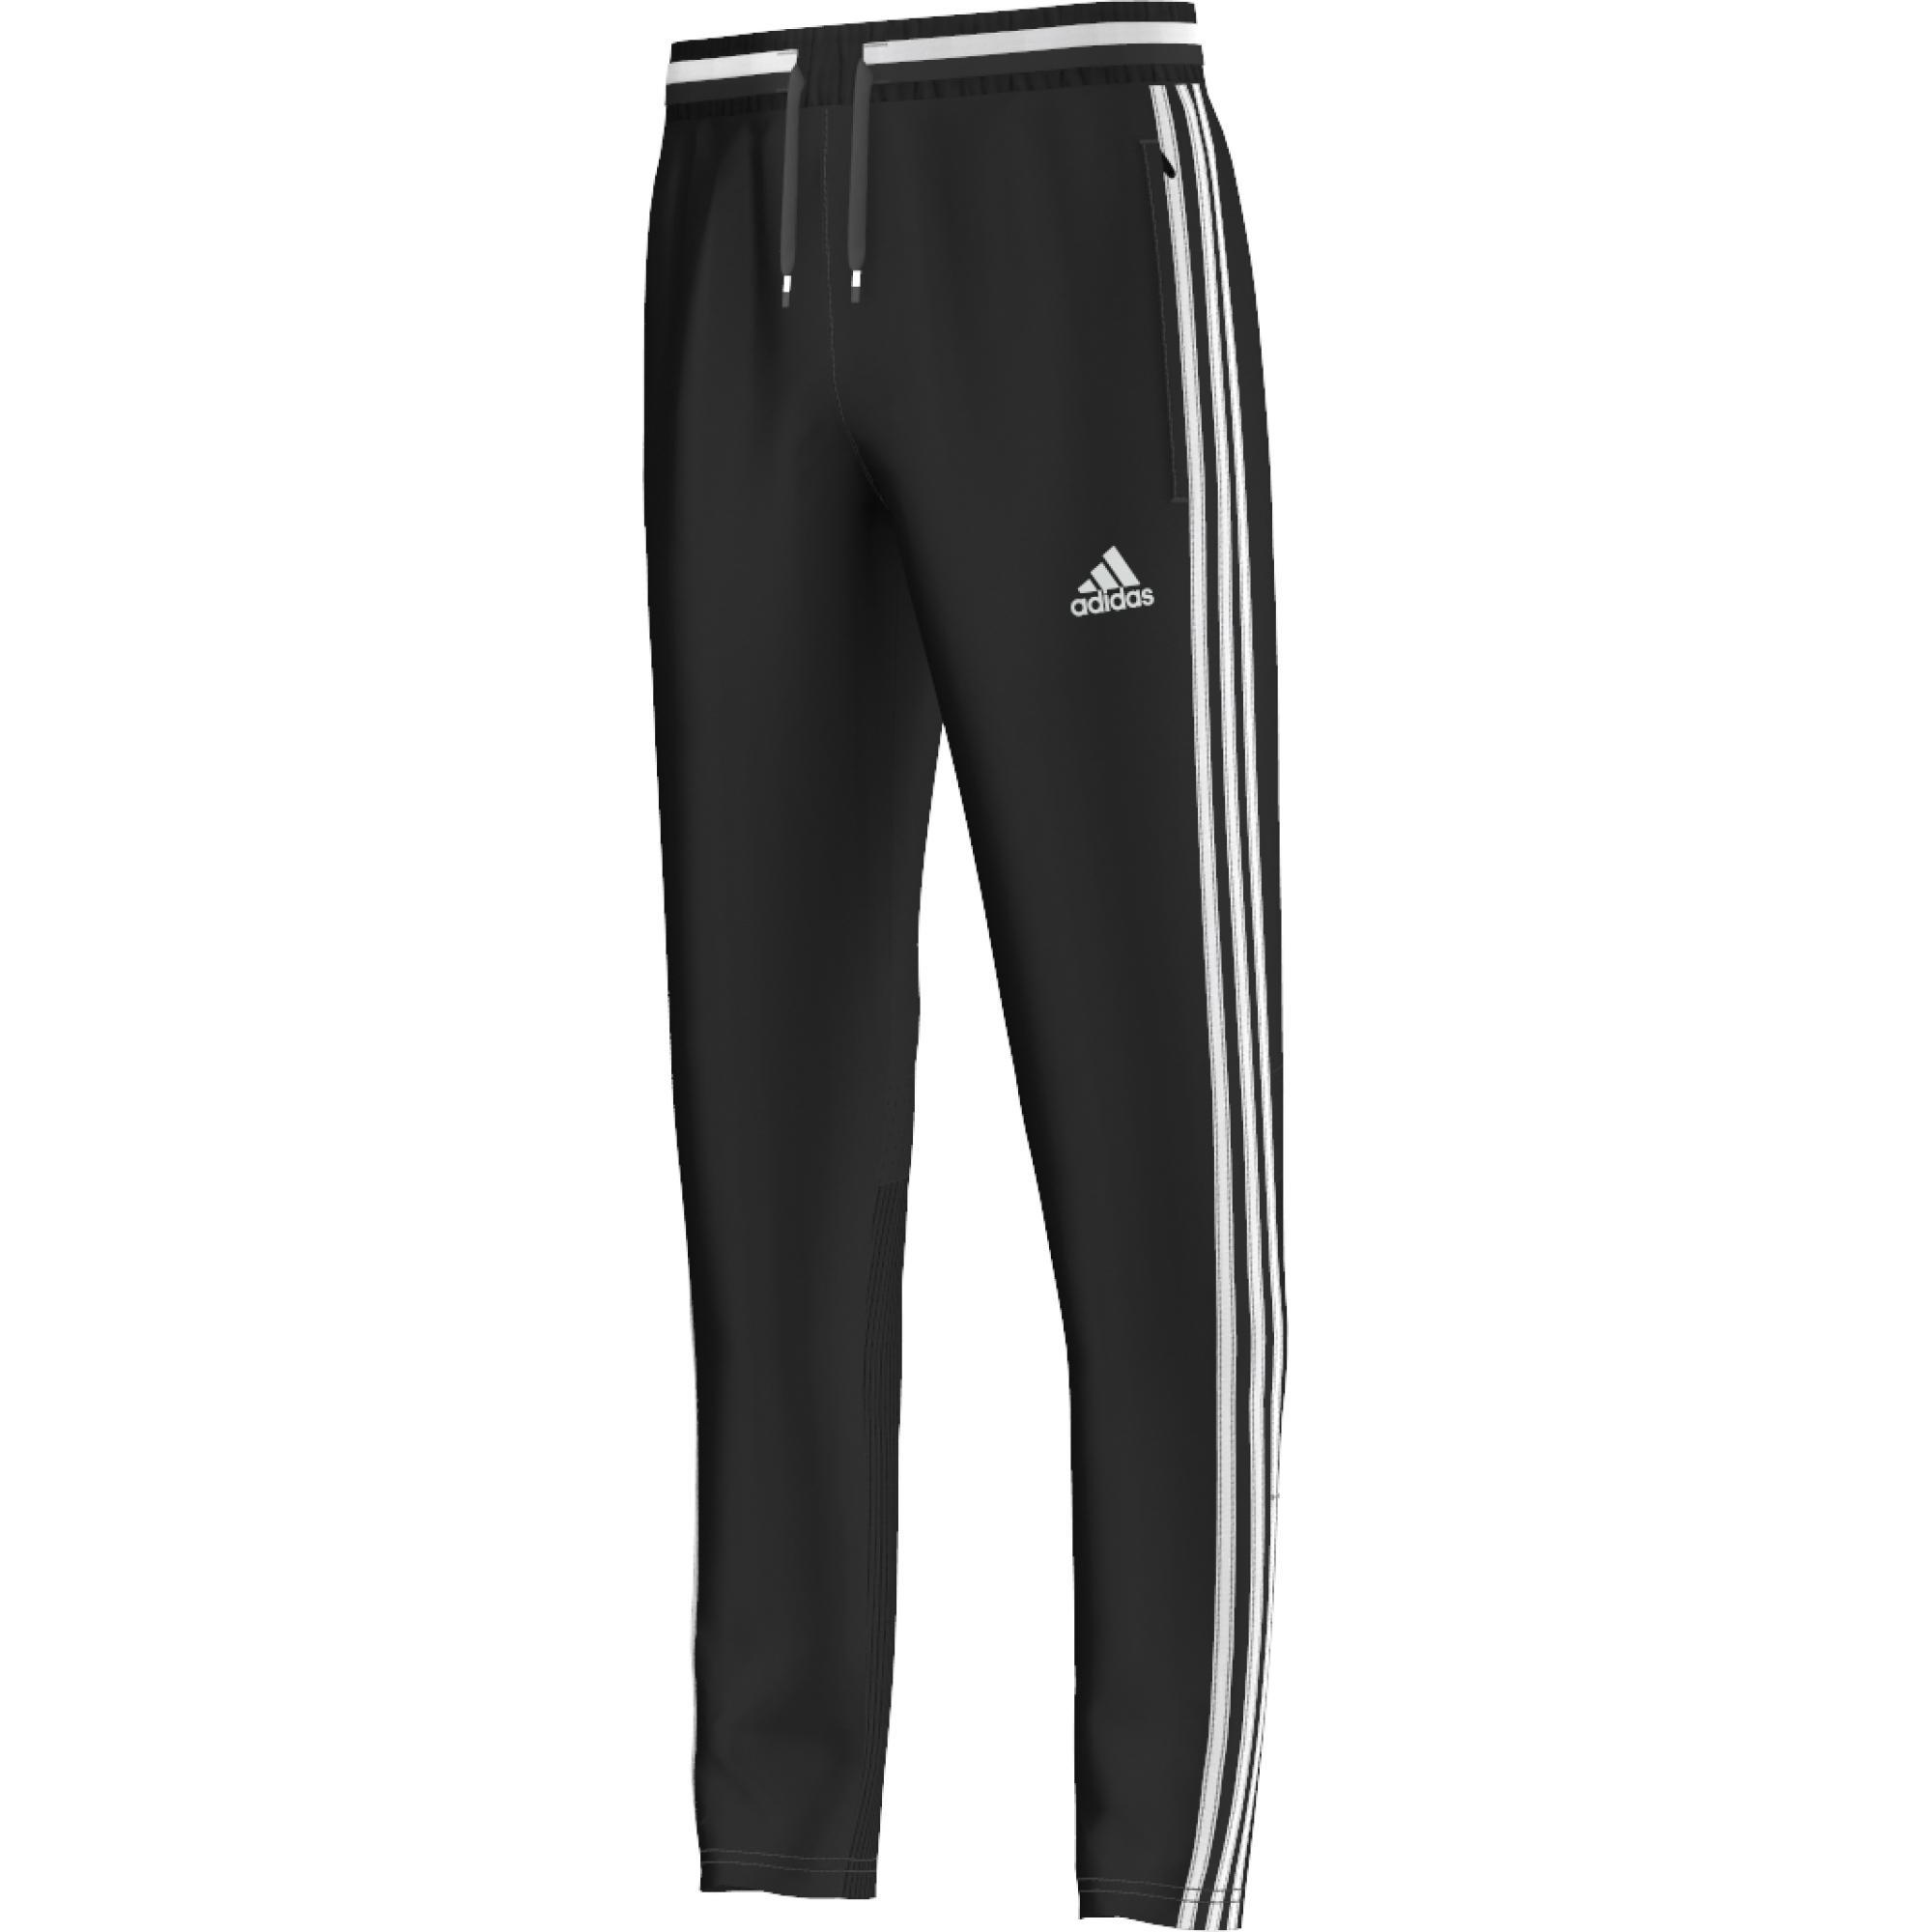 Image of   Adidas Condivo 16 træningsbukser til voksne i Sort/Hvid